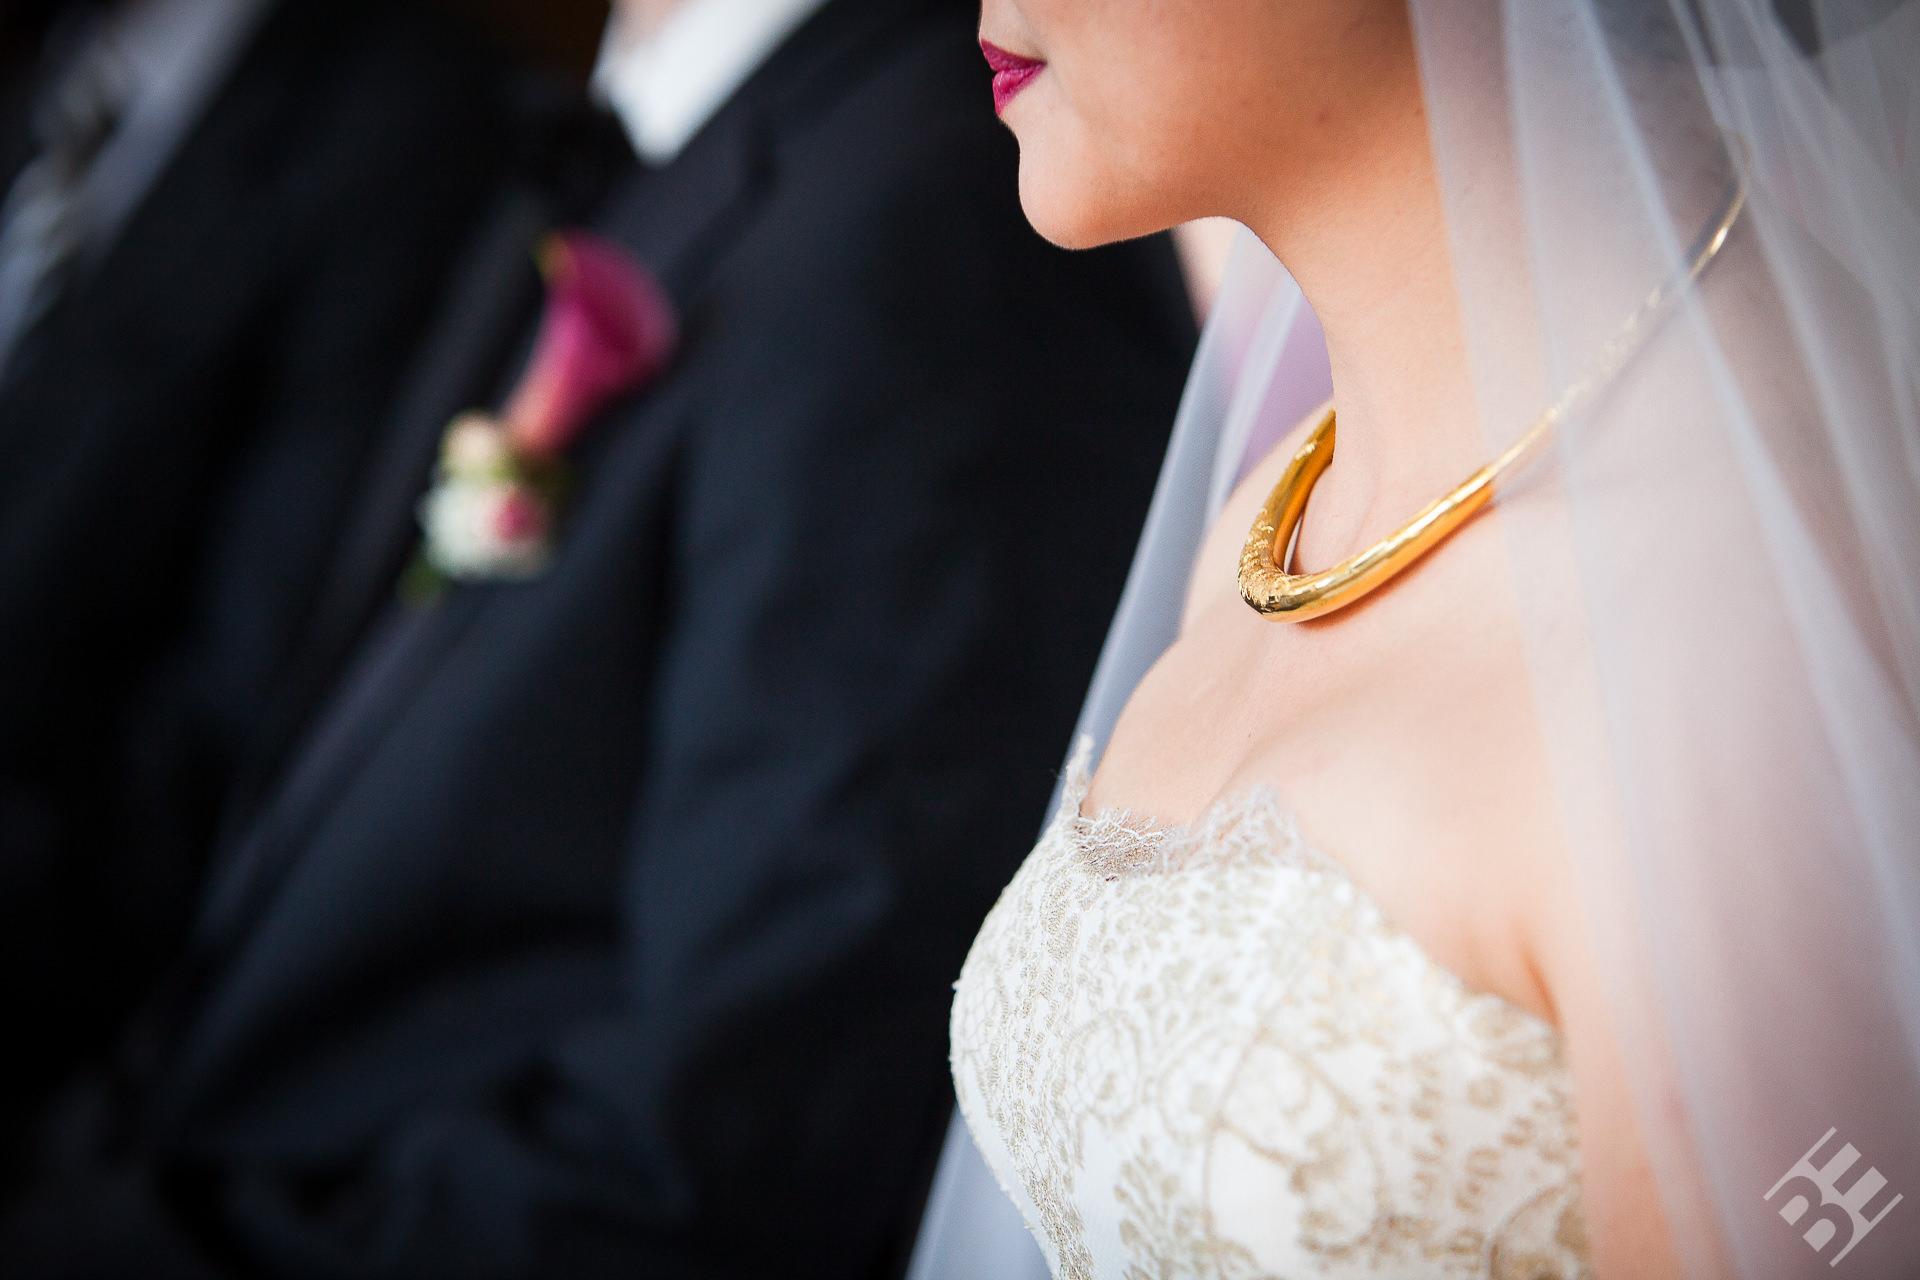 Hochzeit_23_IMG_9928_Volen_Evtimov